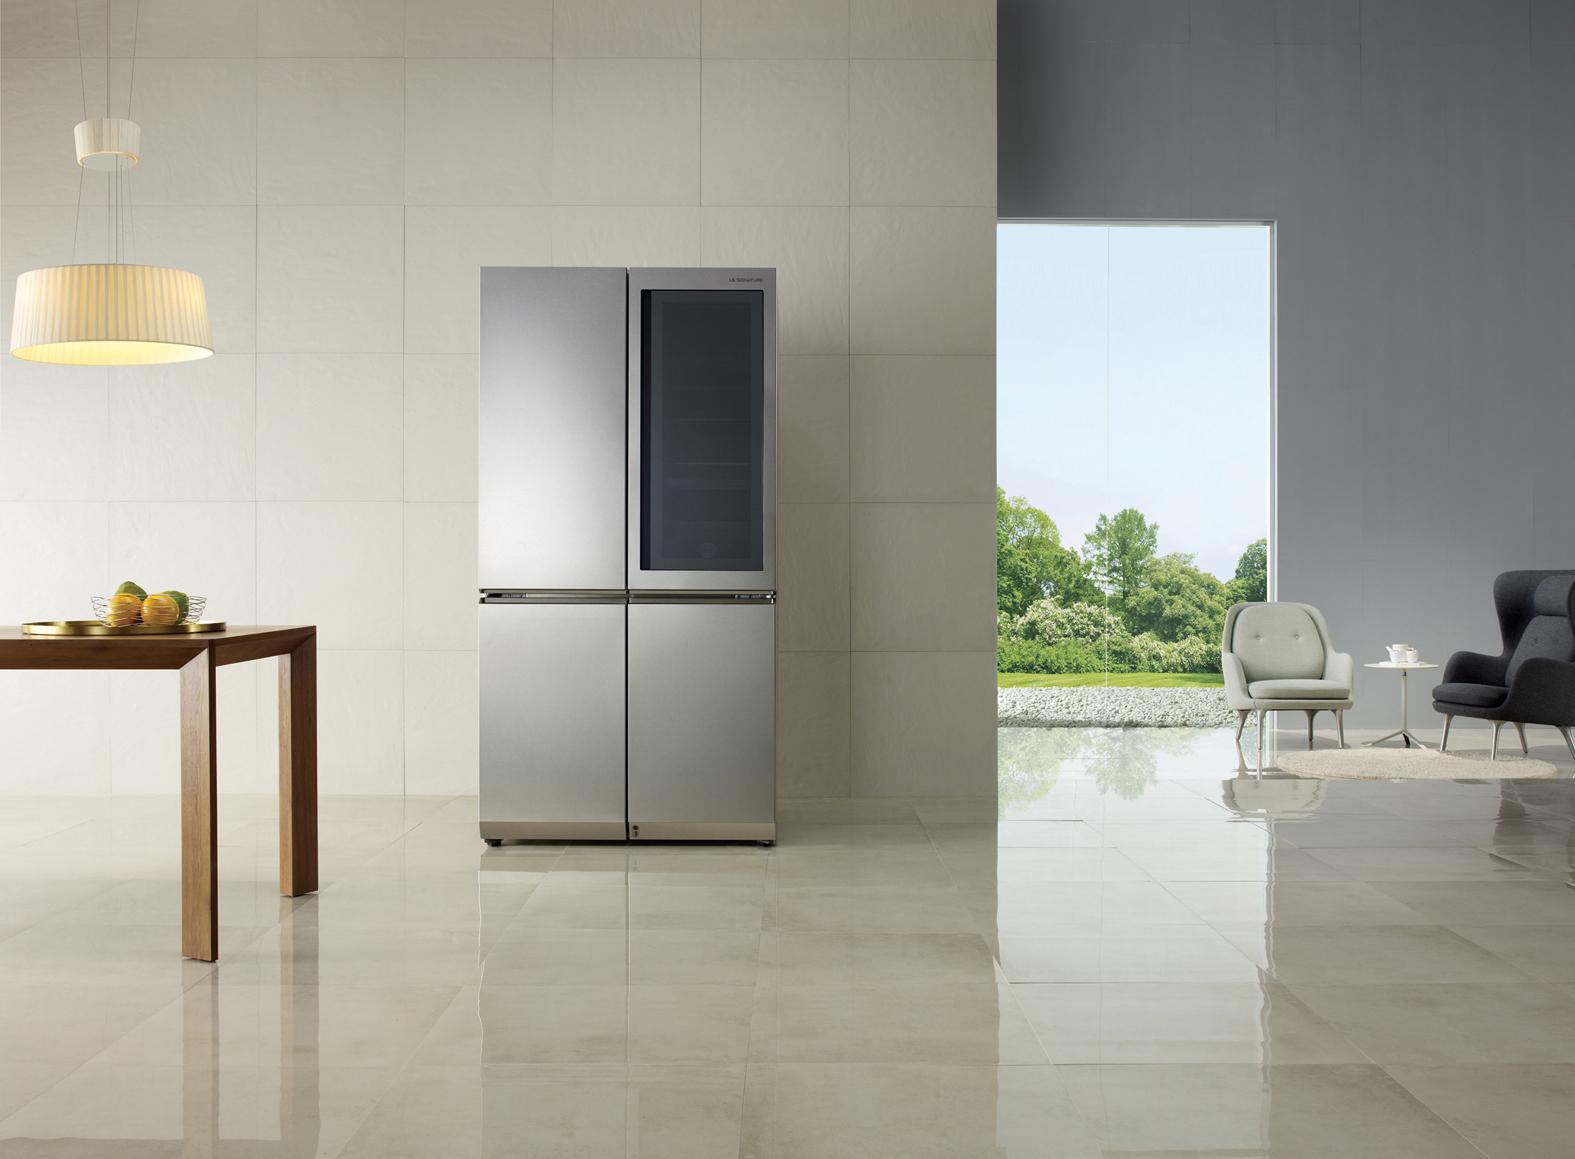 LG_냉장고2